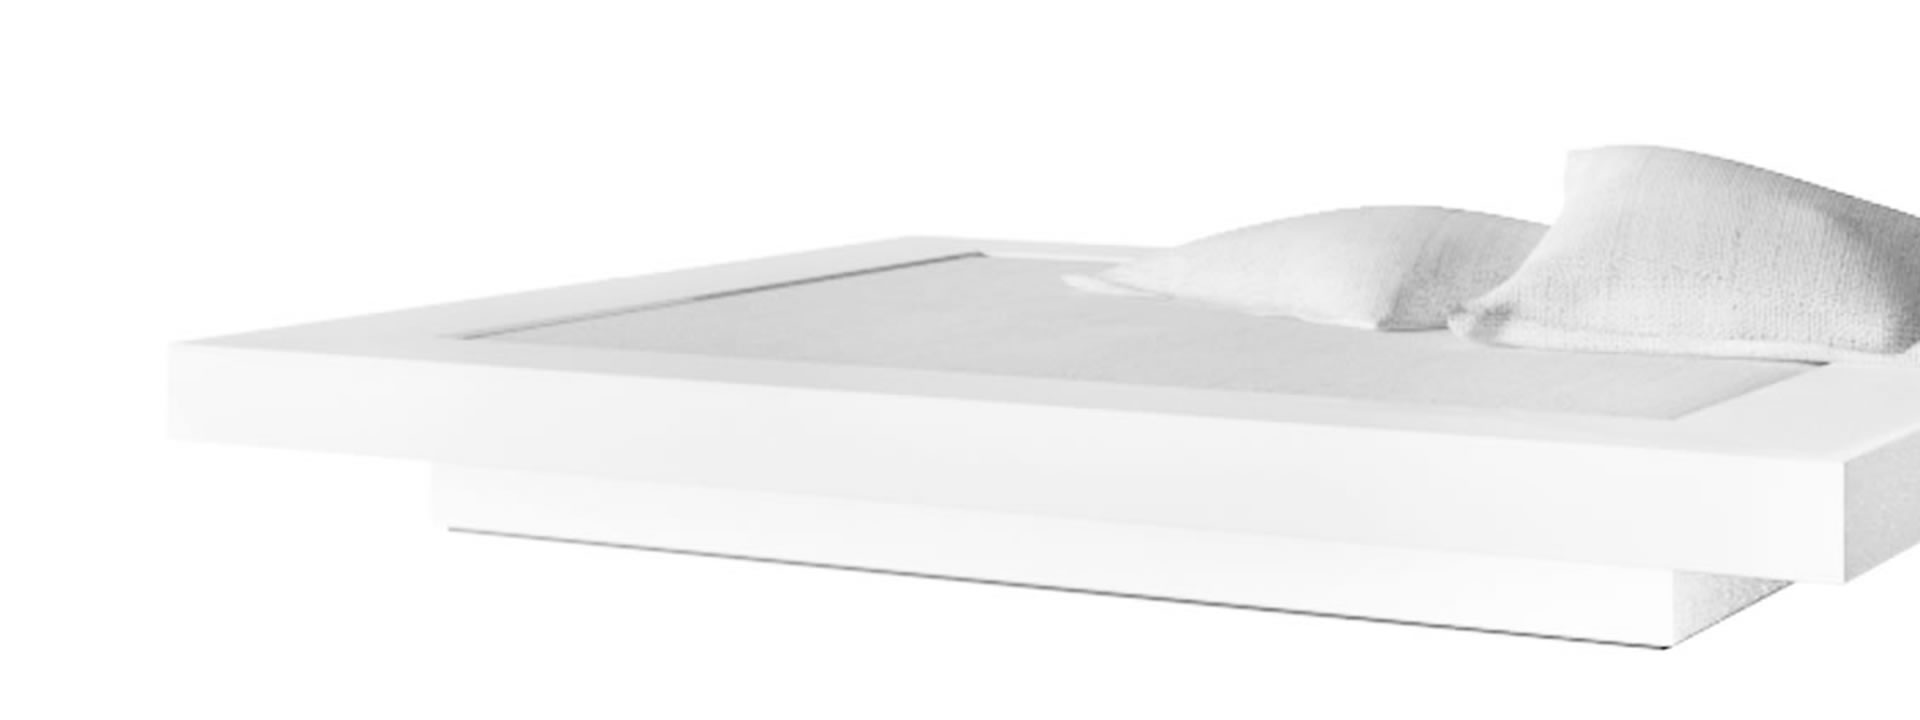 Full Size of Flaches Bett Visum Weies Puristisches Design Von Cars Massiv Bette Badewannen Boxspring Schöne Betten Rückwand Meise Weißes 140x200 Weiß 90x200 180x200 Wohnzimmer Flaches Bett